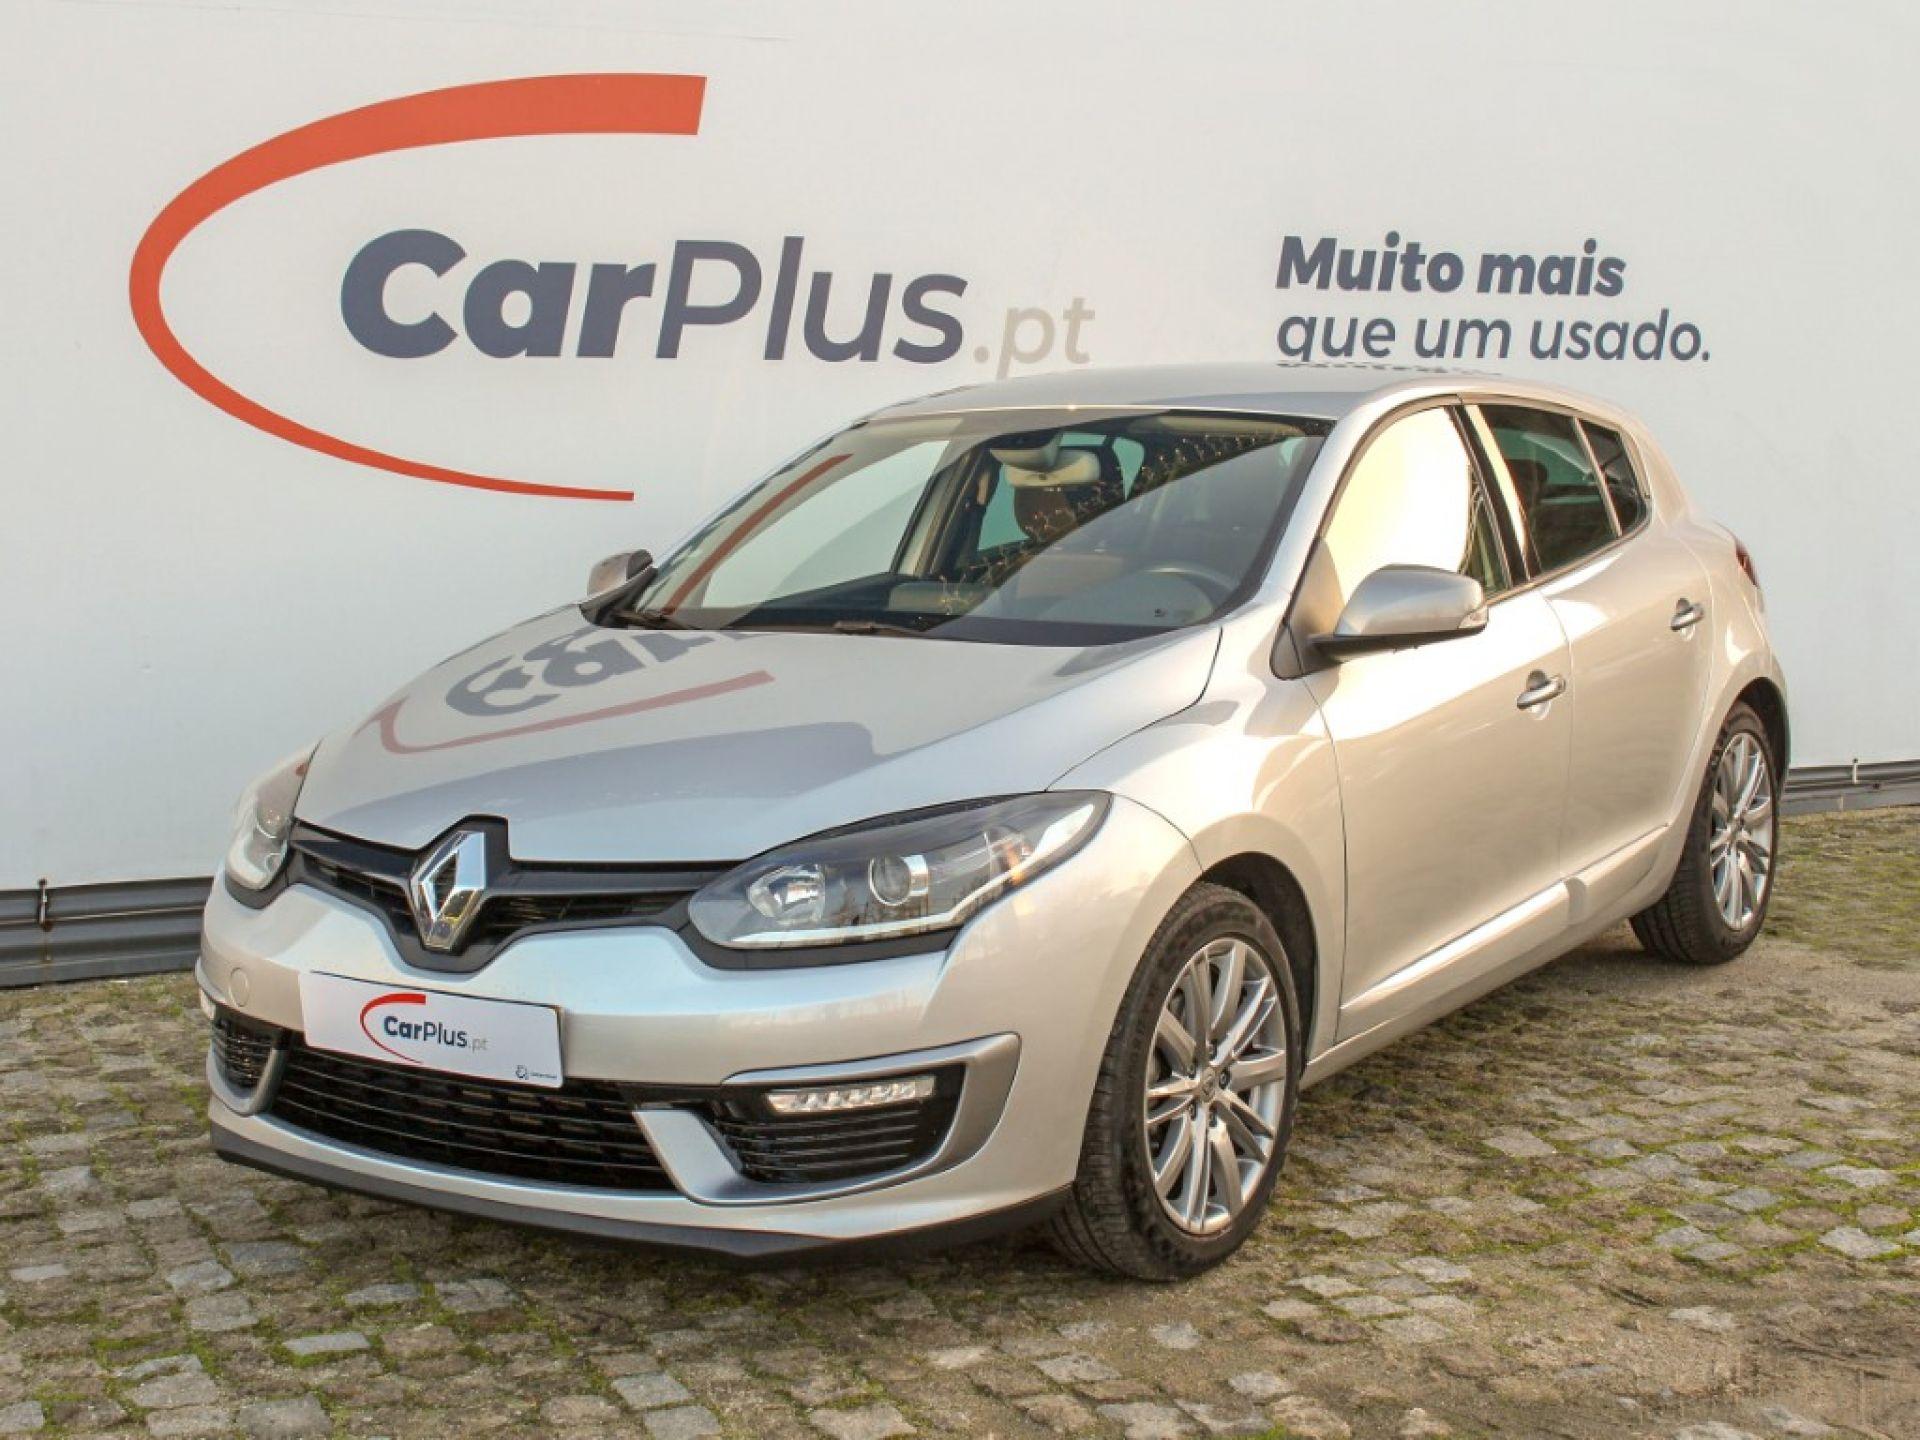 Renault Megane 1.5dCi 110cv S&S ECO2 Energy GT Line segunda mão Porto